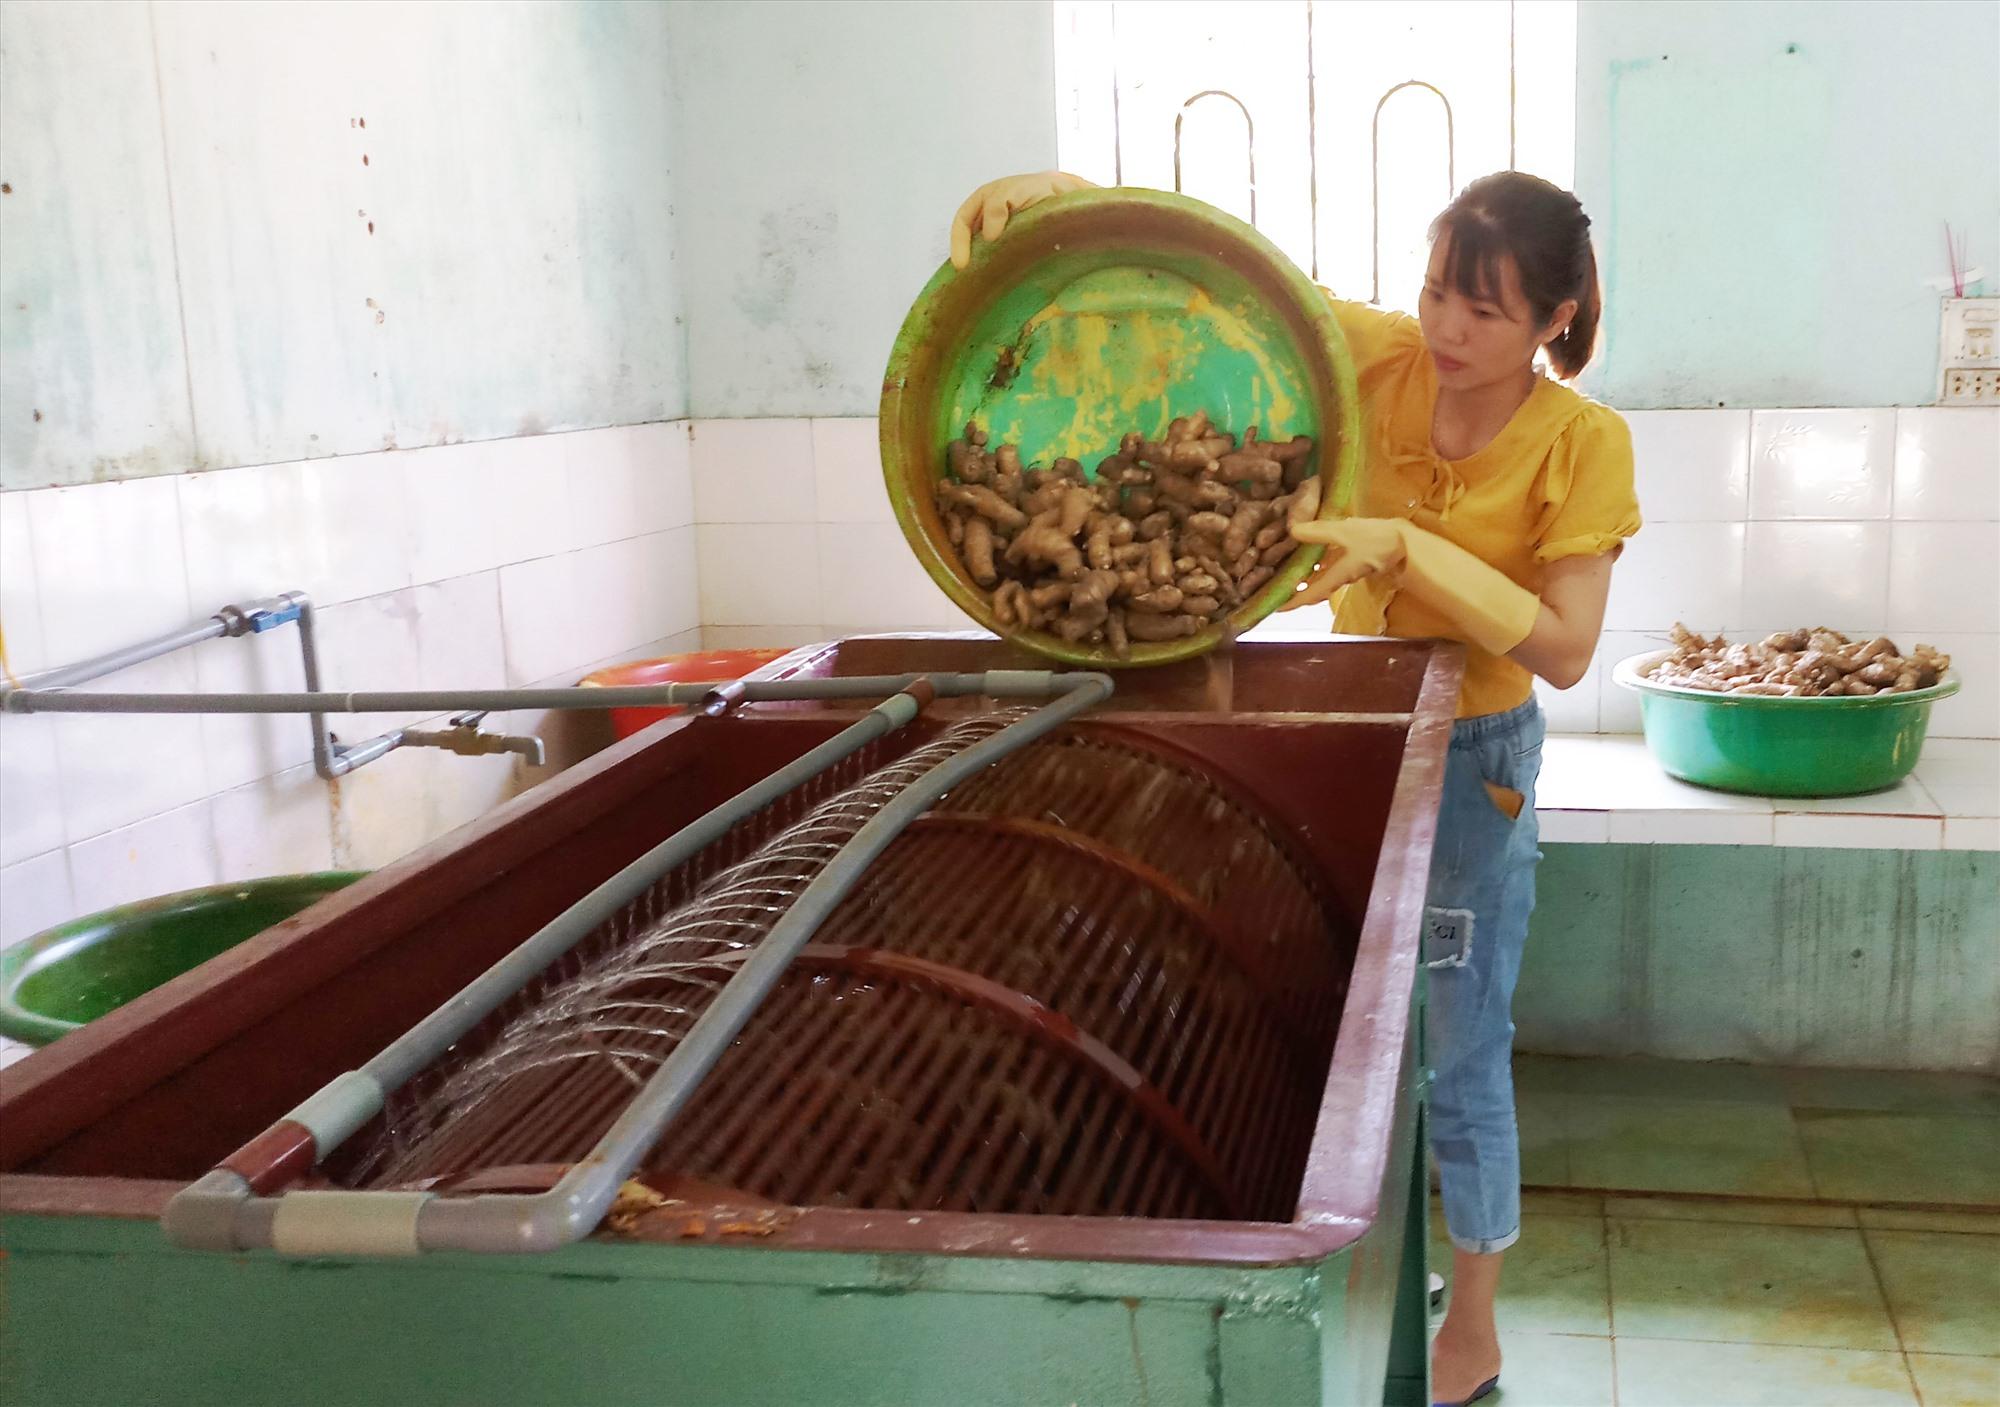 Tổ hợp tác sản xuất tinh bột ngải, tinh bột nghệ bước đầu hoạt động hiệu quả. Ảnh: N.Hưng